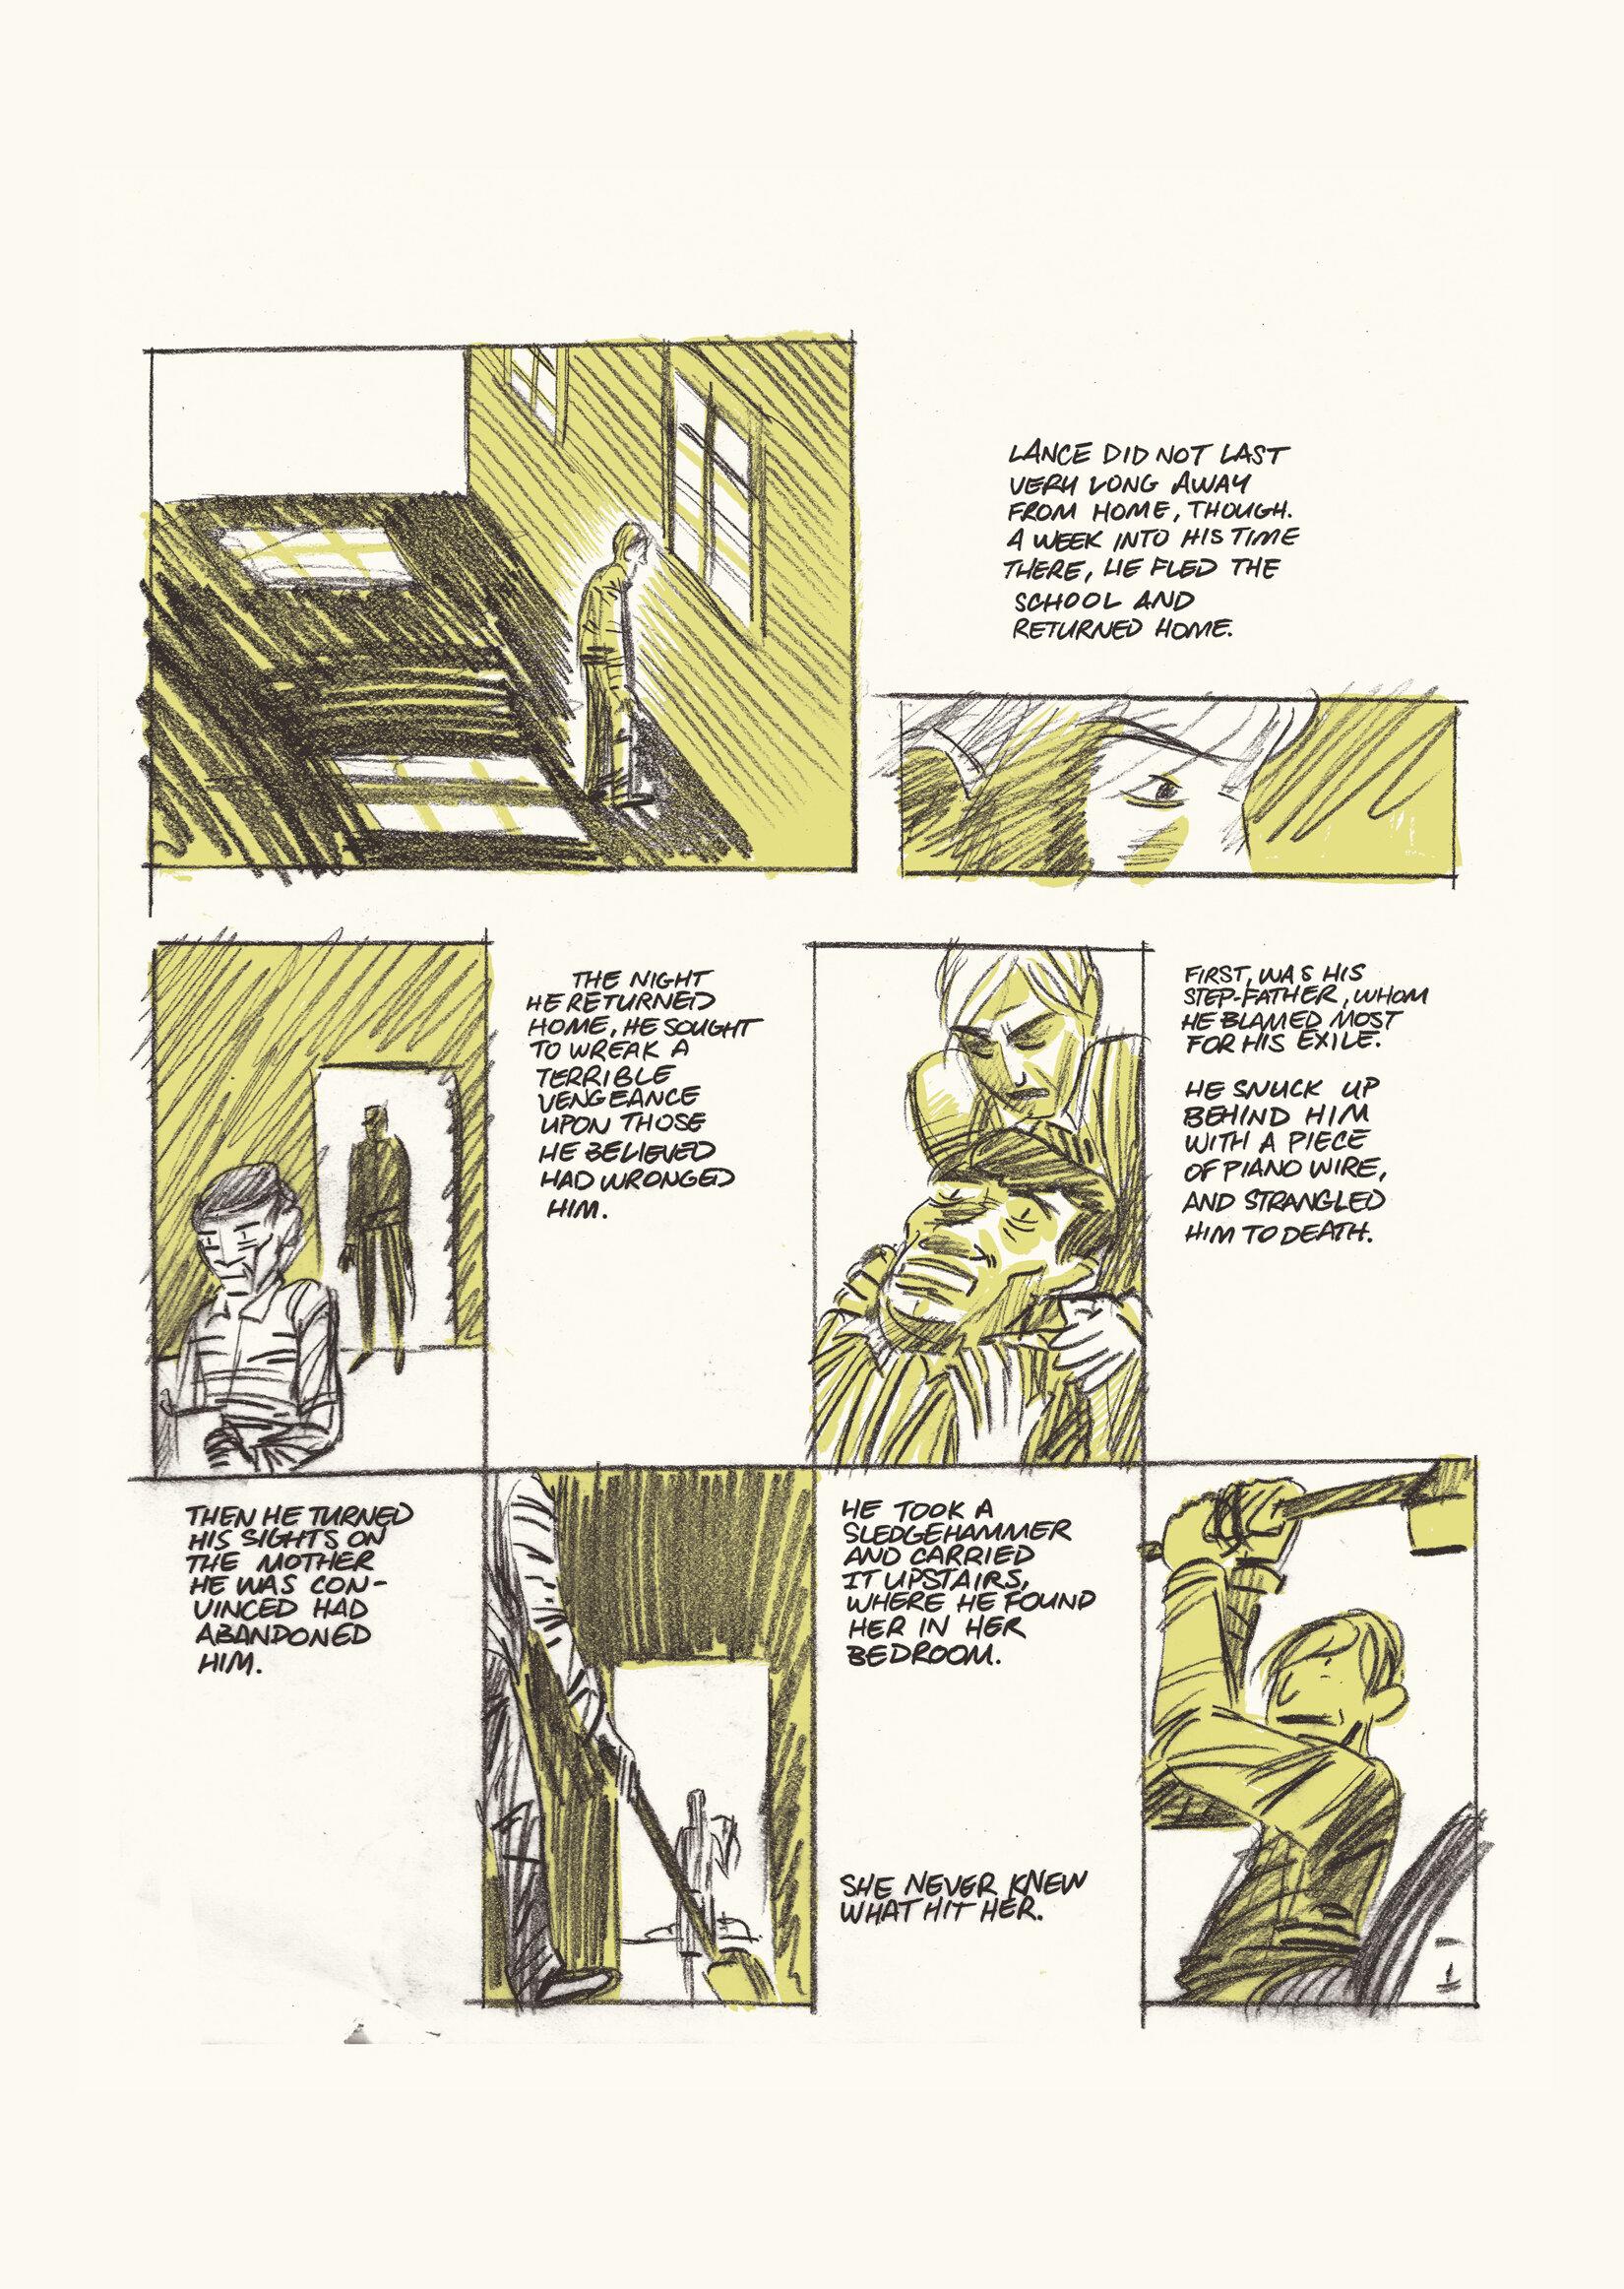 G Page 008.jpg